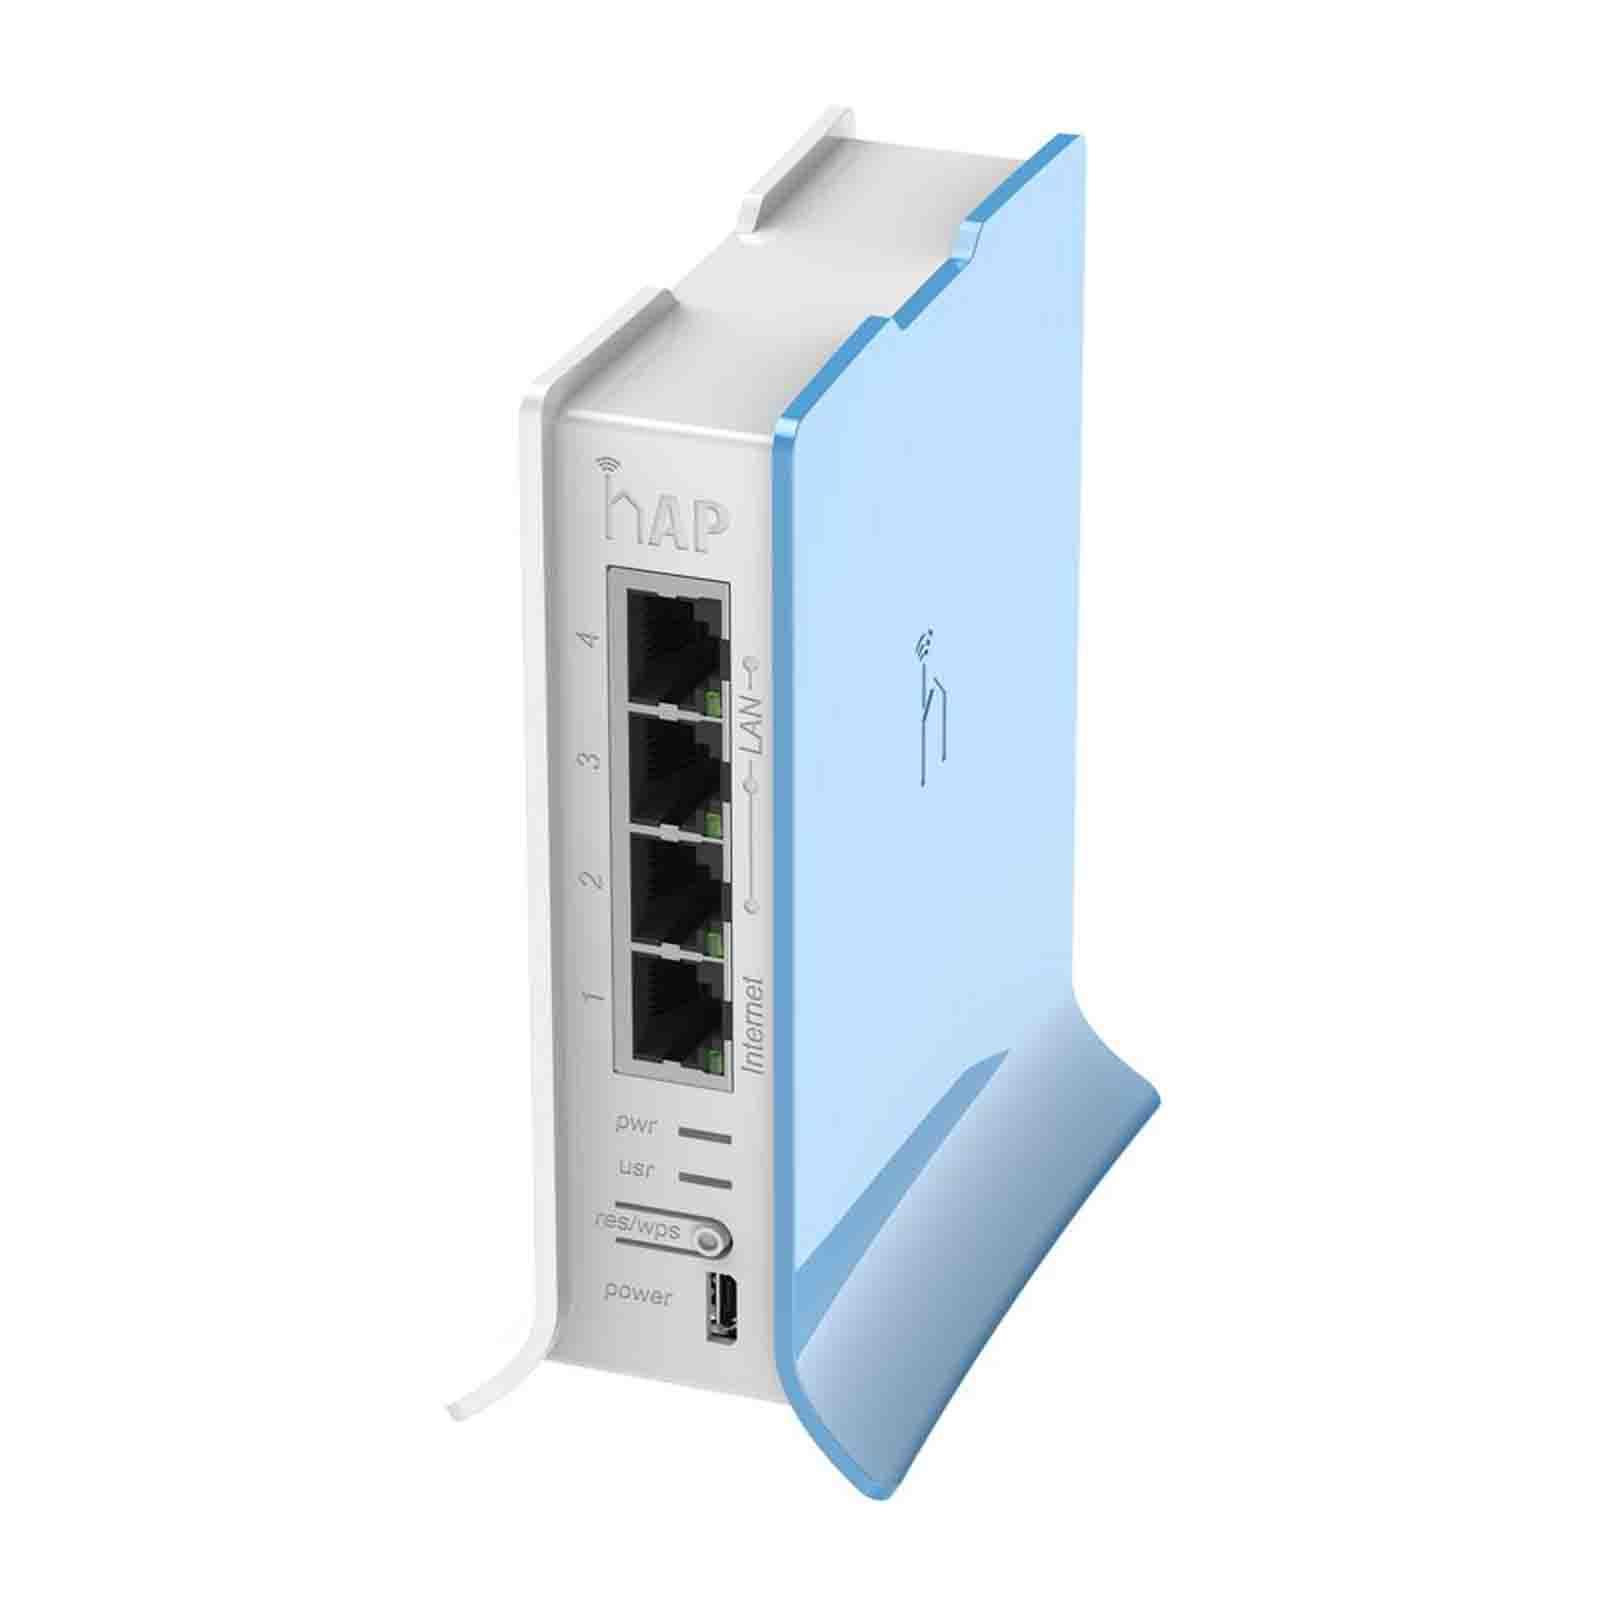 Router hAP Lite TC RB941...